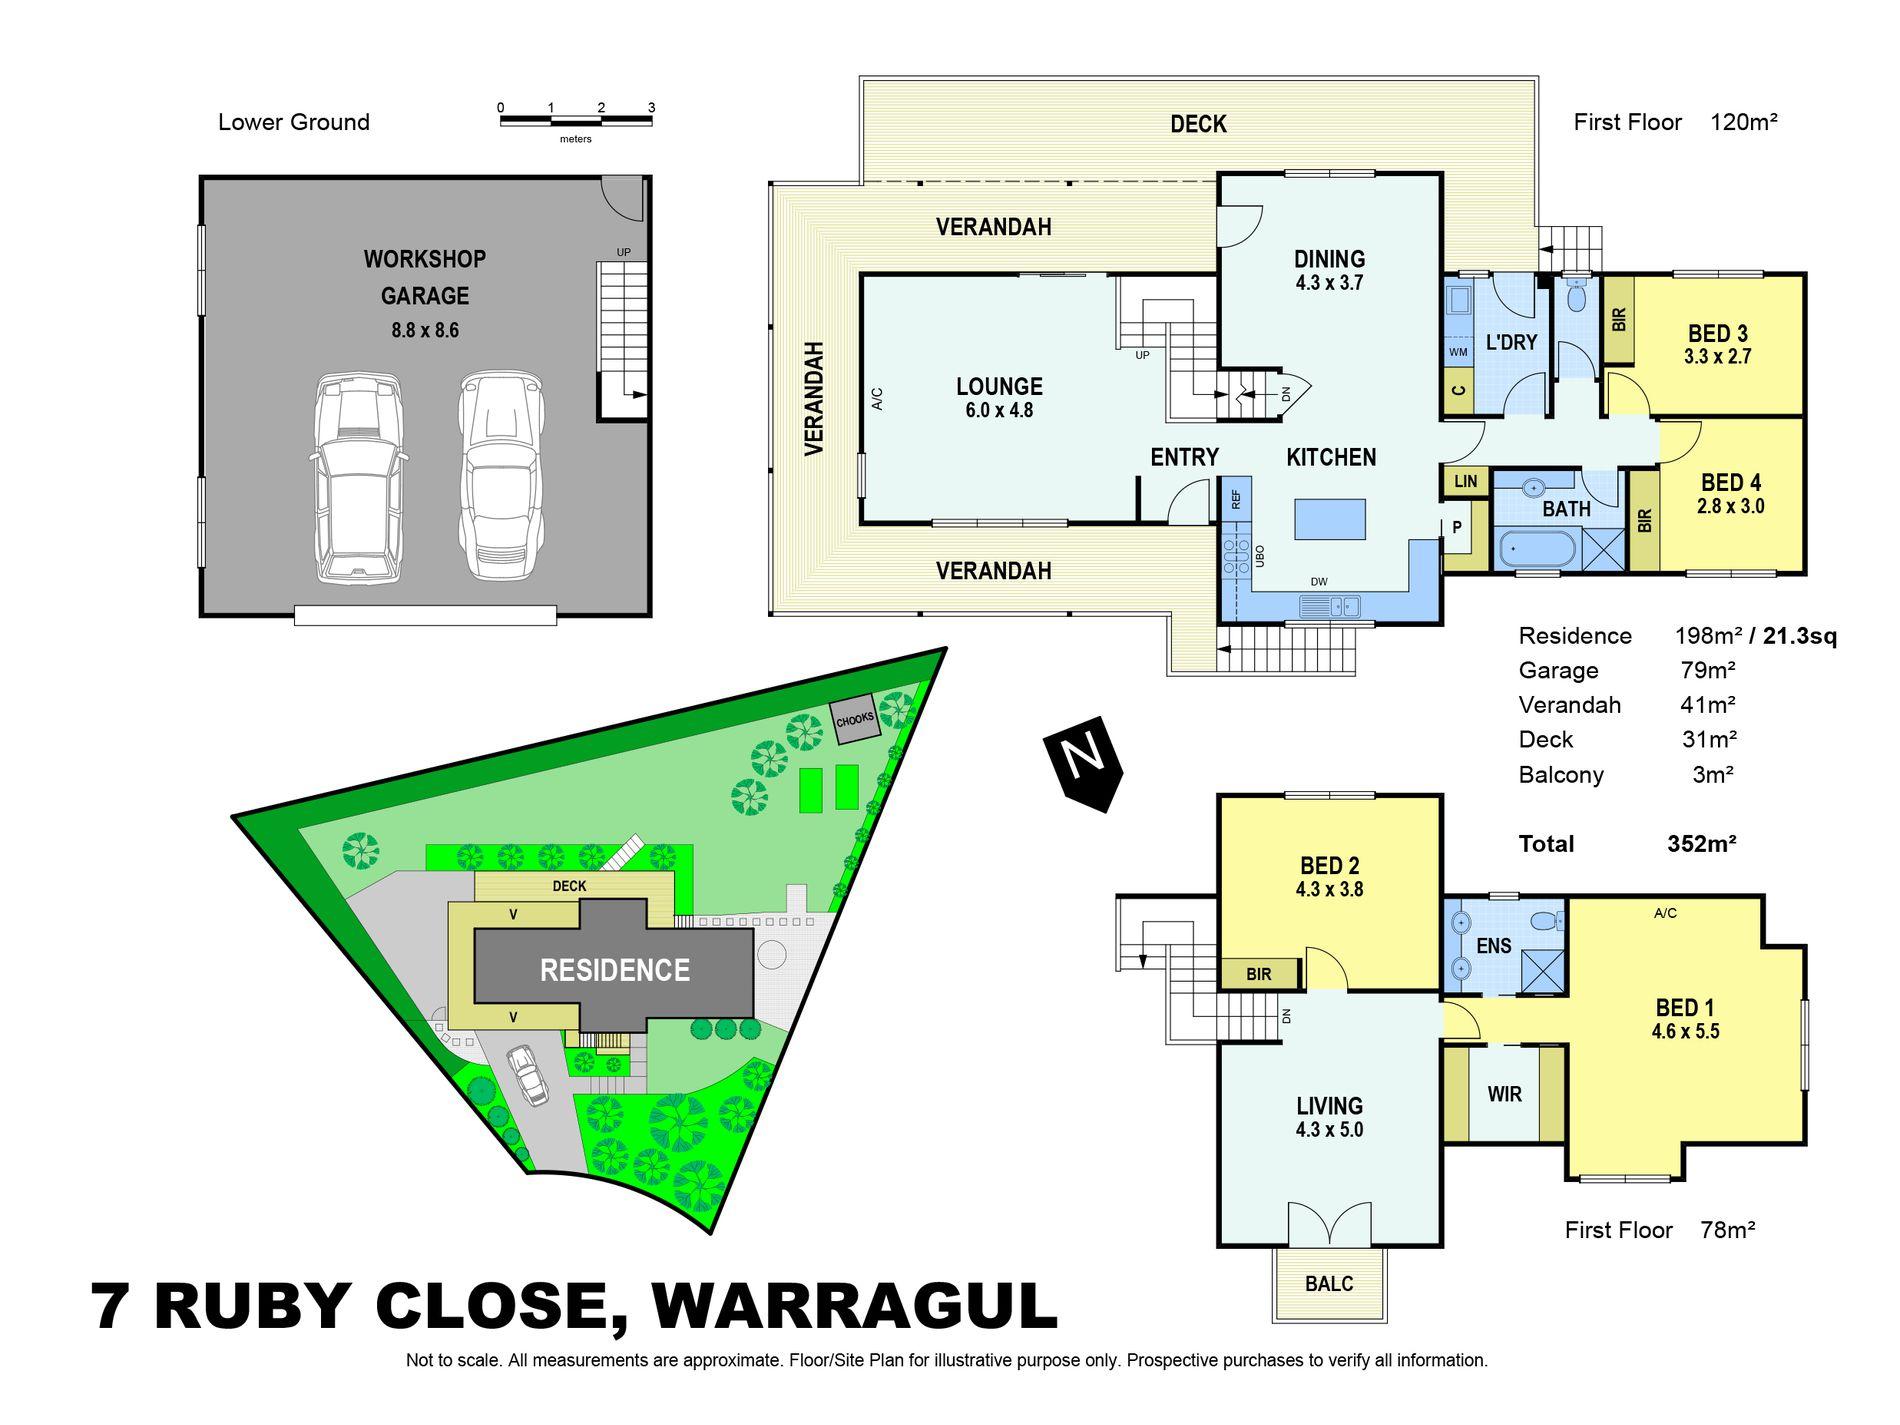 7 Ruby Close, Warragul